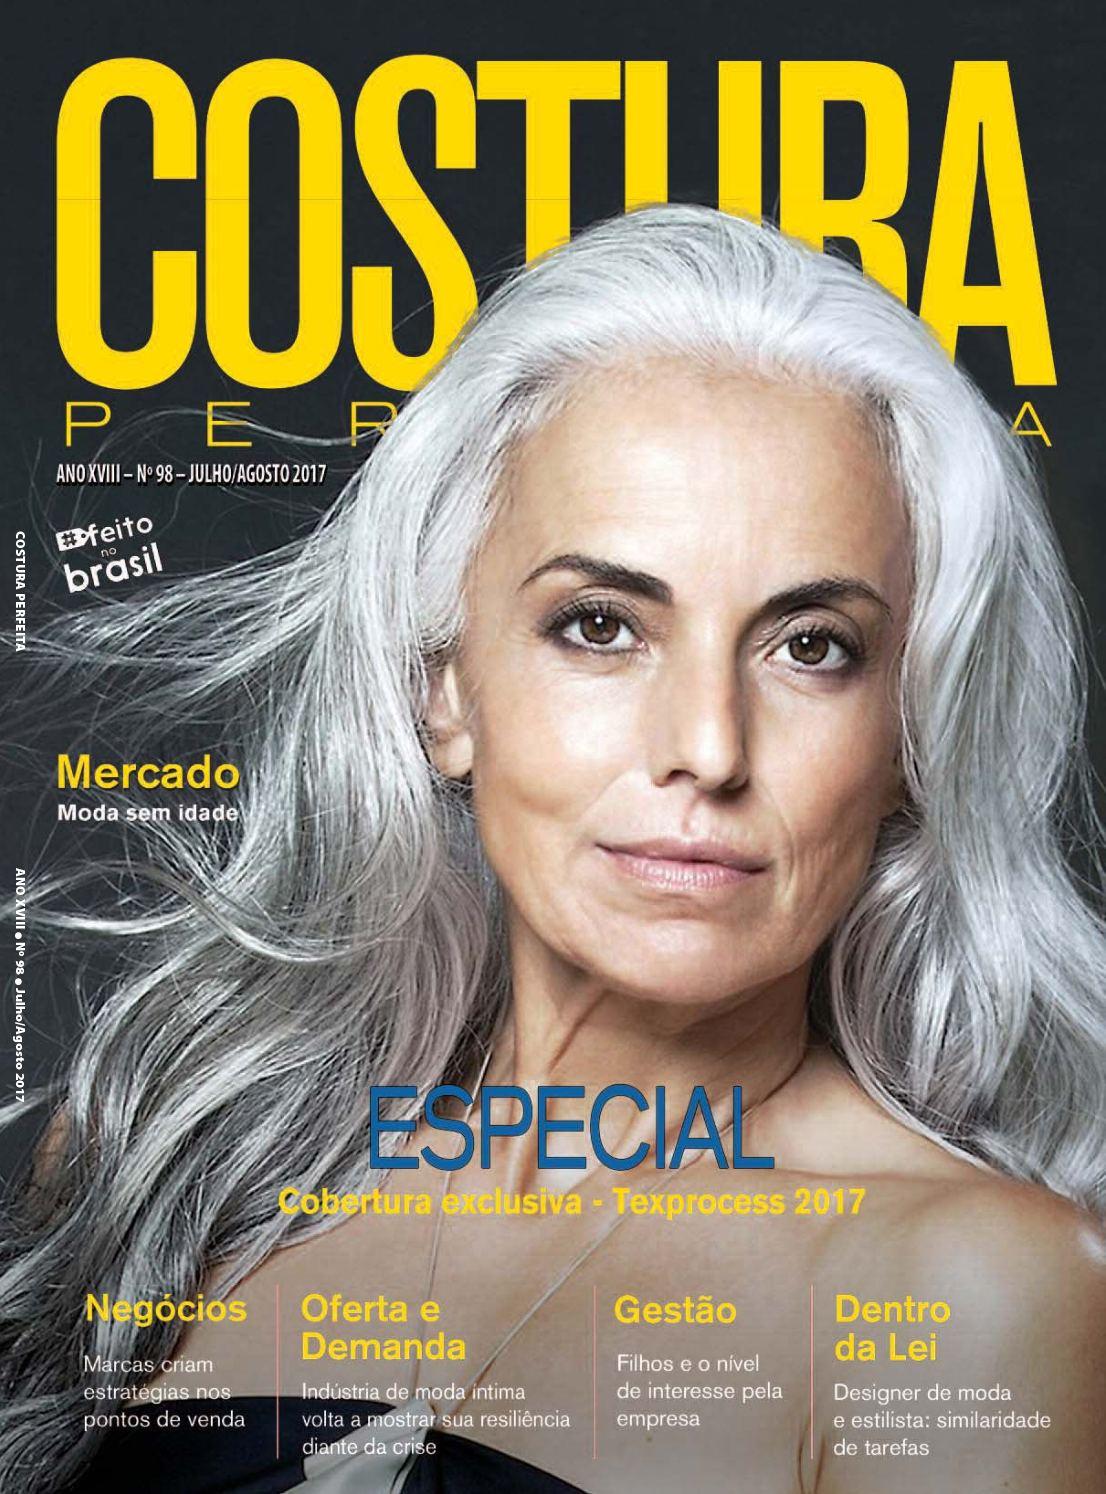 ac8fa50a1 Calaméo - Revista Costura Perfeita Edição Ano XVIII - N98 - Julho - Agosto  2017